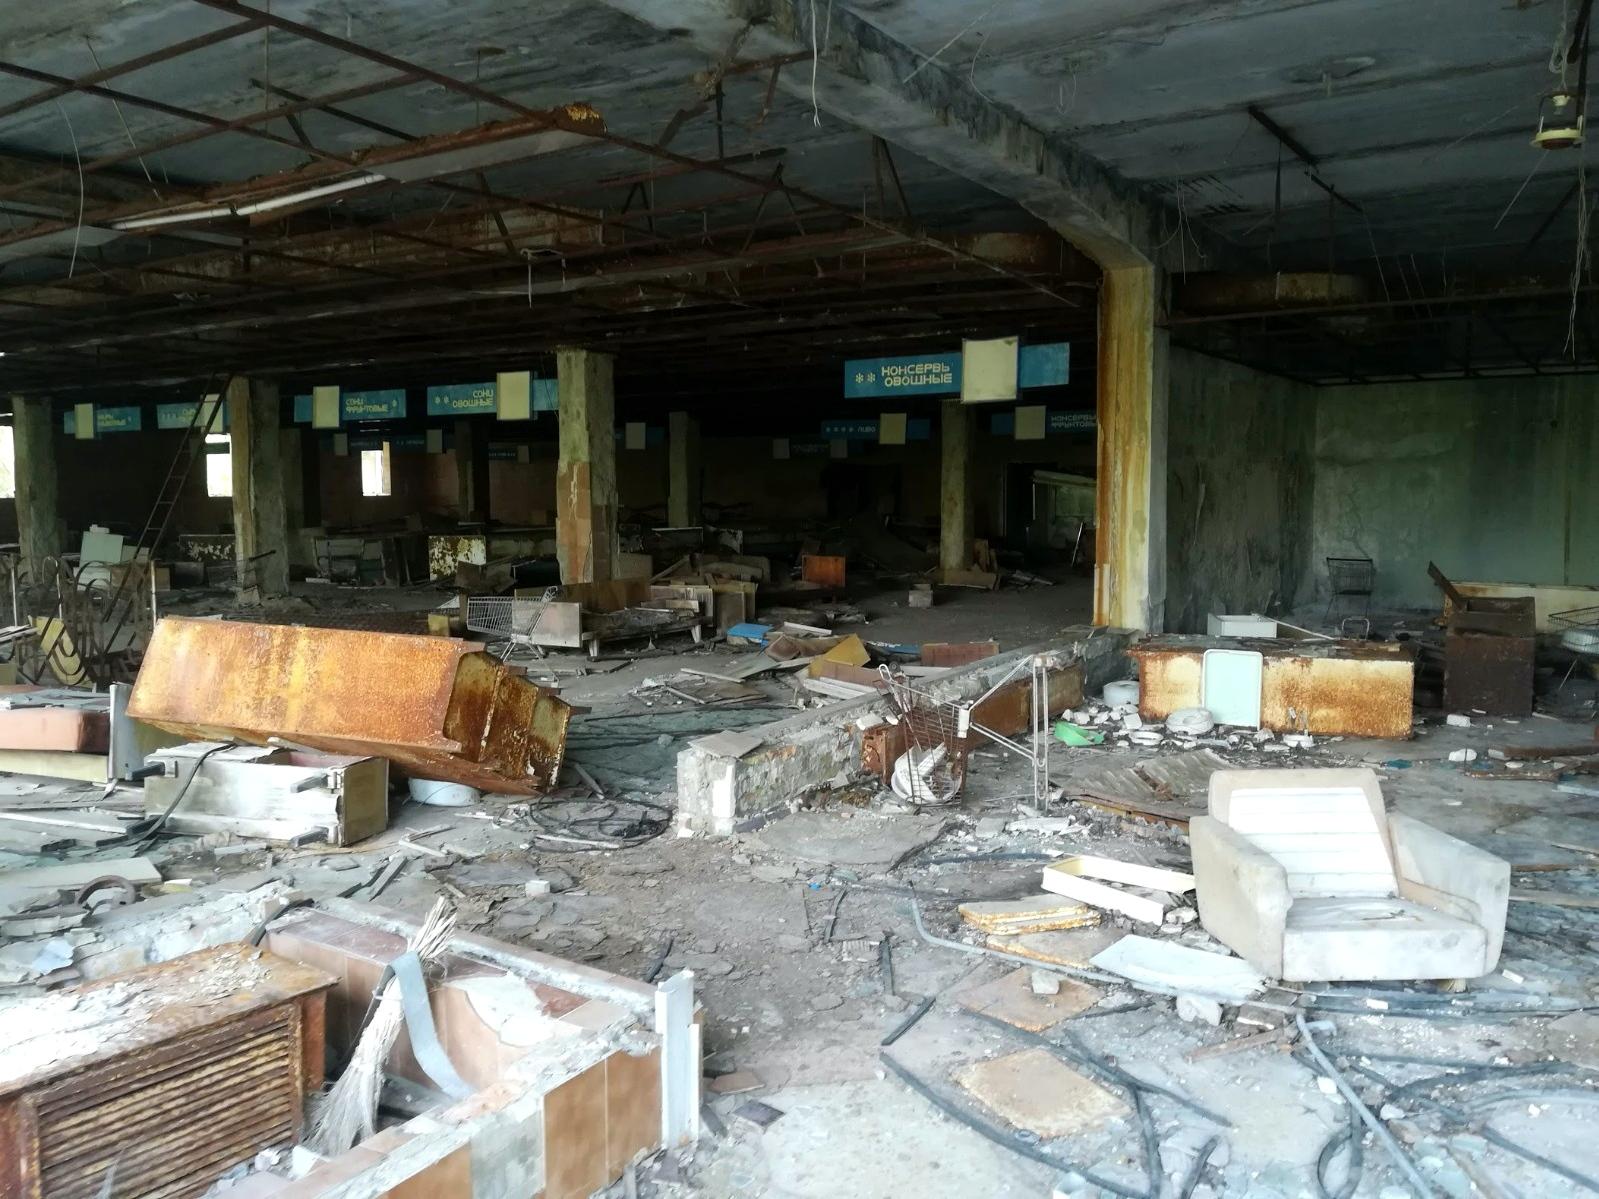 Tino Schlench - Literaturpalast - Tschernobyl Prypjat 3